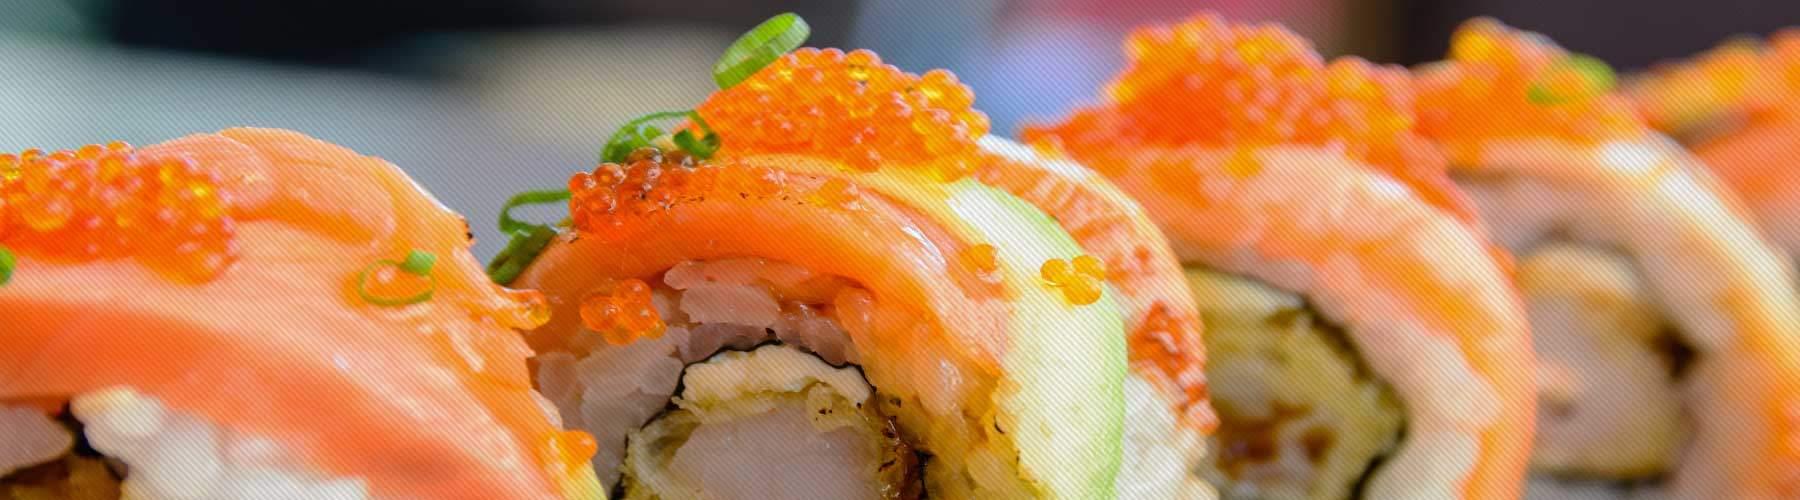 Hana Sushi in Danville CA